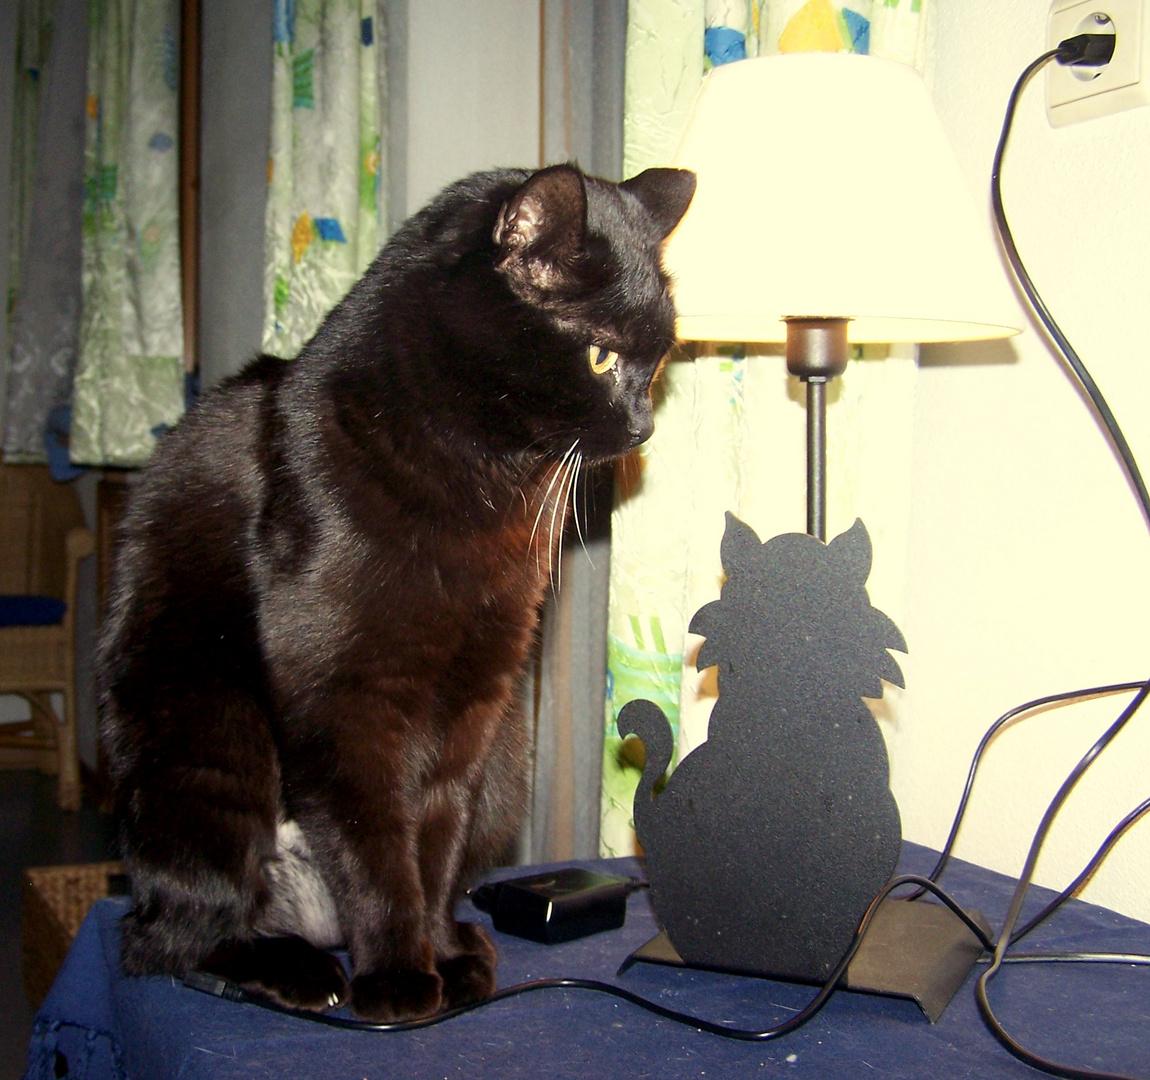 Lieber Lampengeist, ich wünsche mir....ich wünsche mir....Wieviele Wünsche habe ich denn frei???